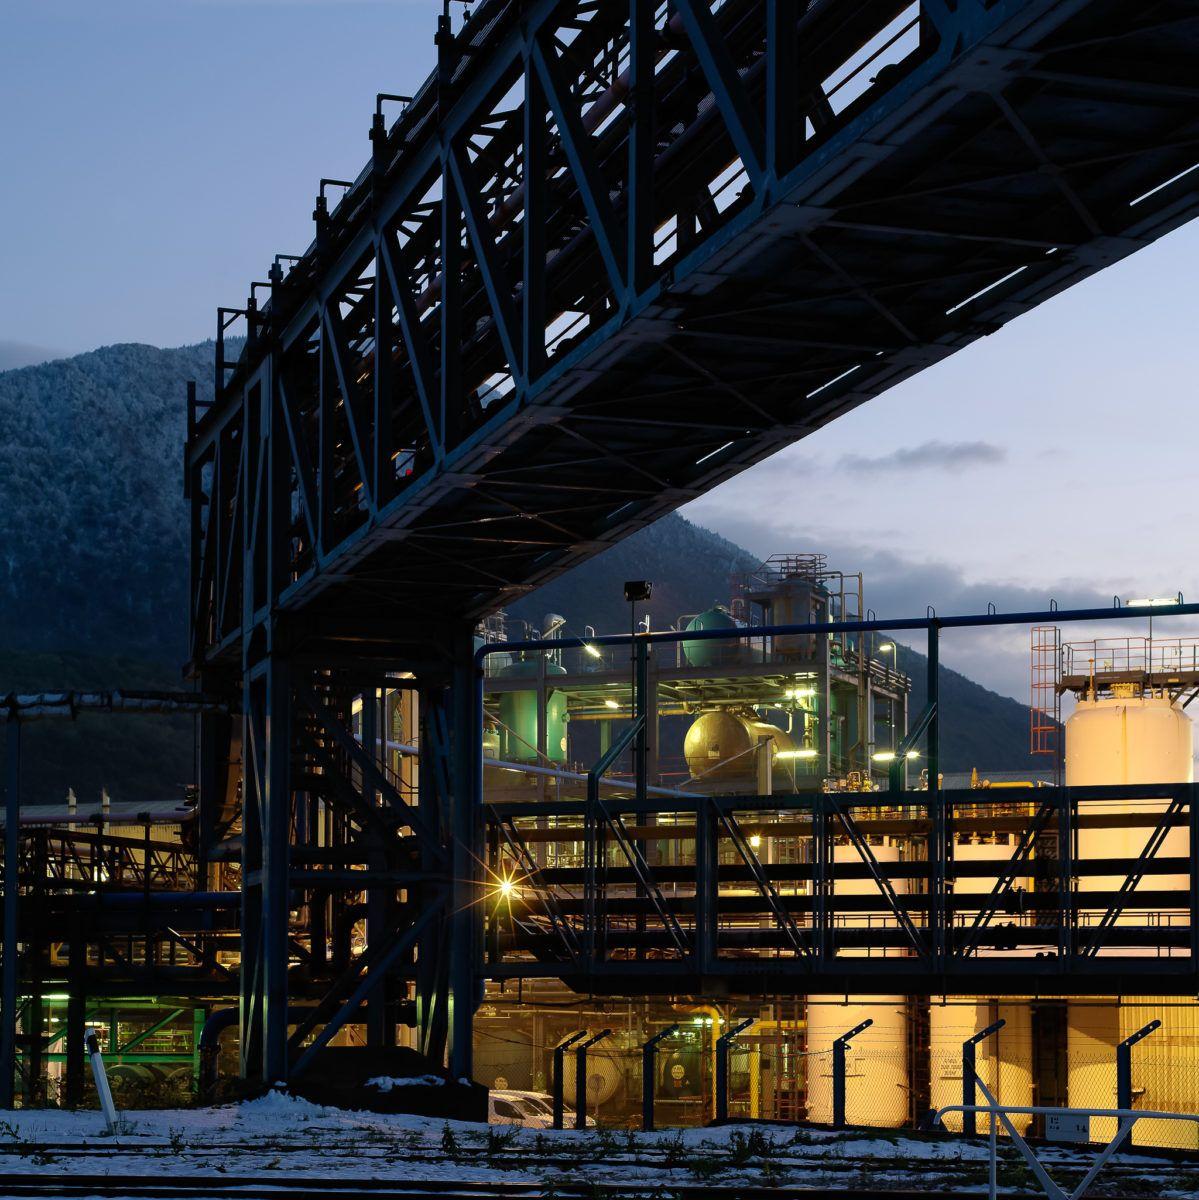 Usine chimique de nuit, sous la neige, avec montagne en fond